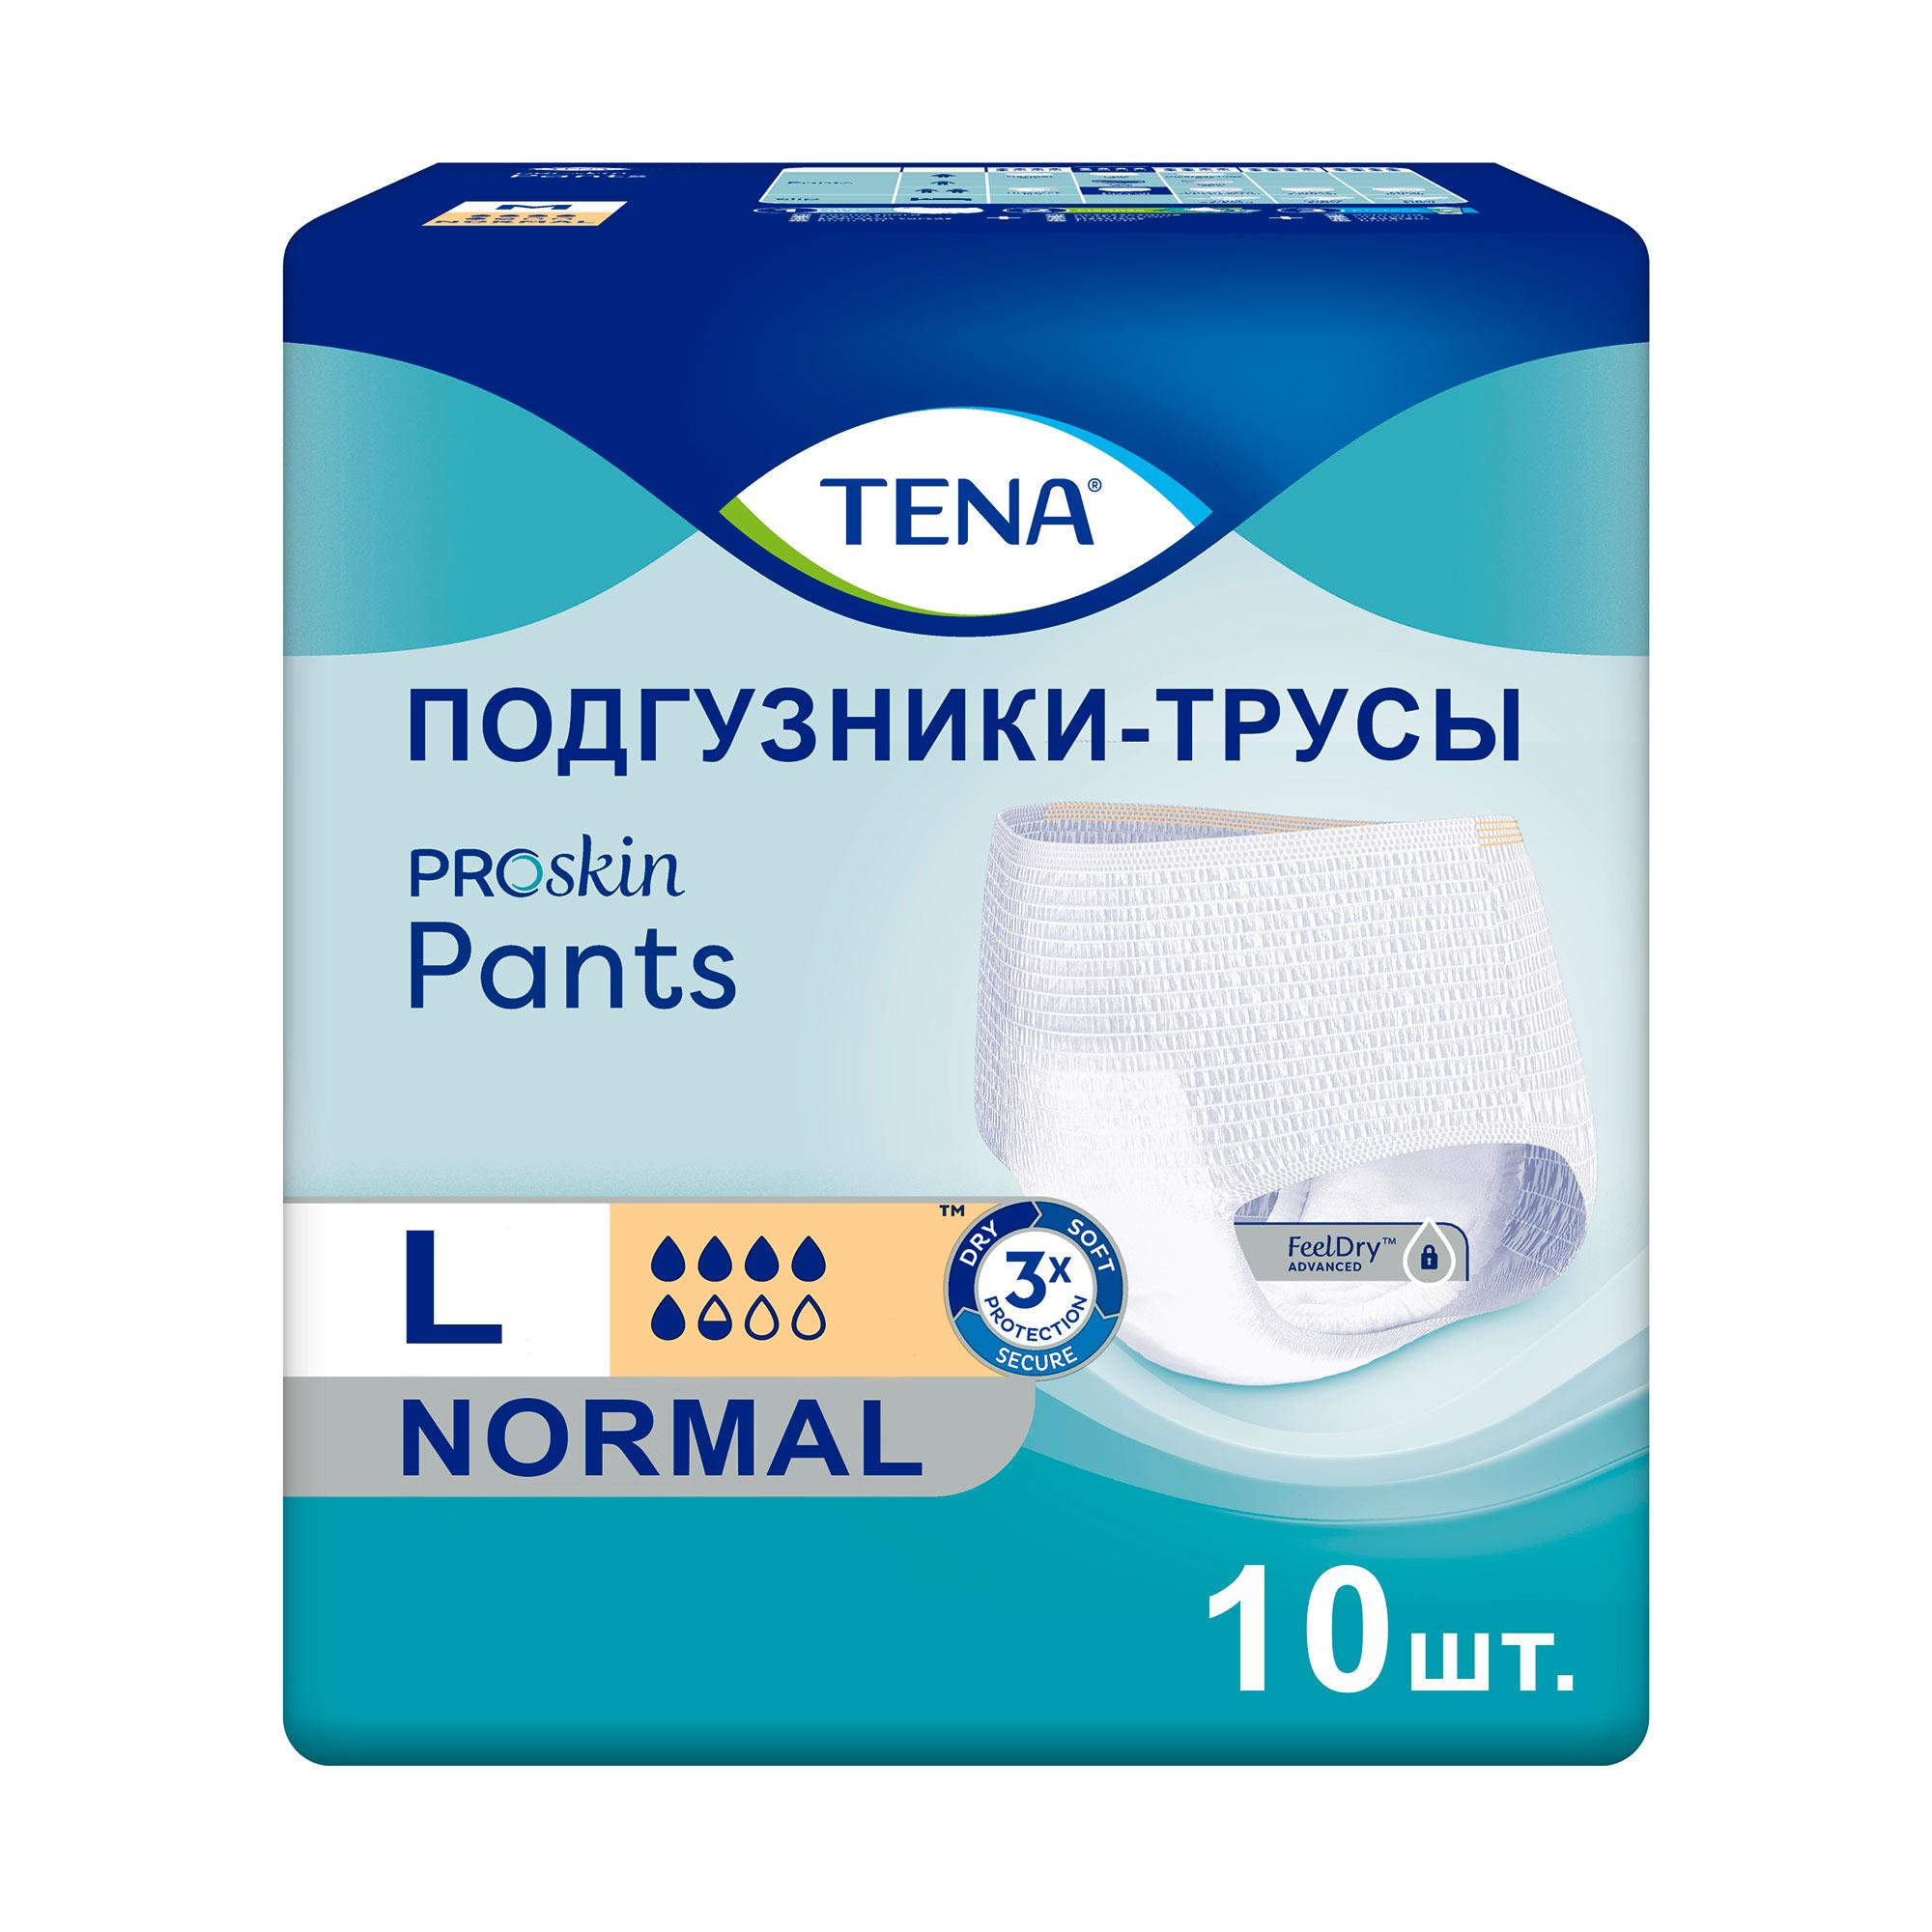 ТЕНА Пантс Нормал (TENA Pants Normal) размер L (100-135 cm), Подгузники-трусы, 10 шт., Для детей,  - купить со скидкой